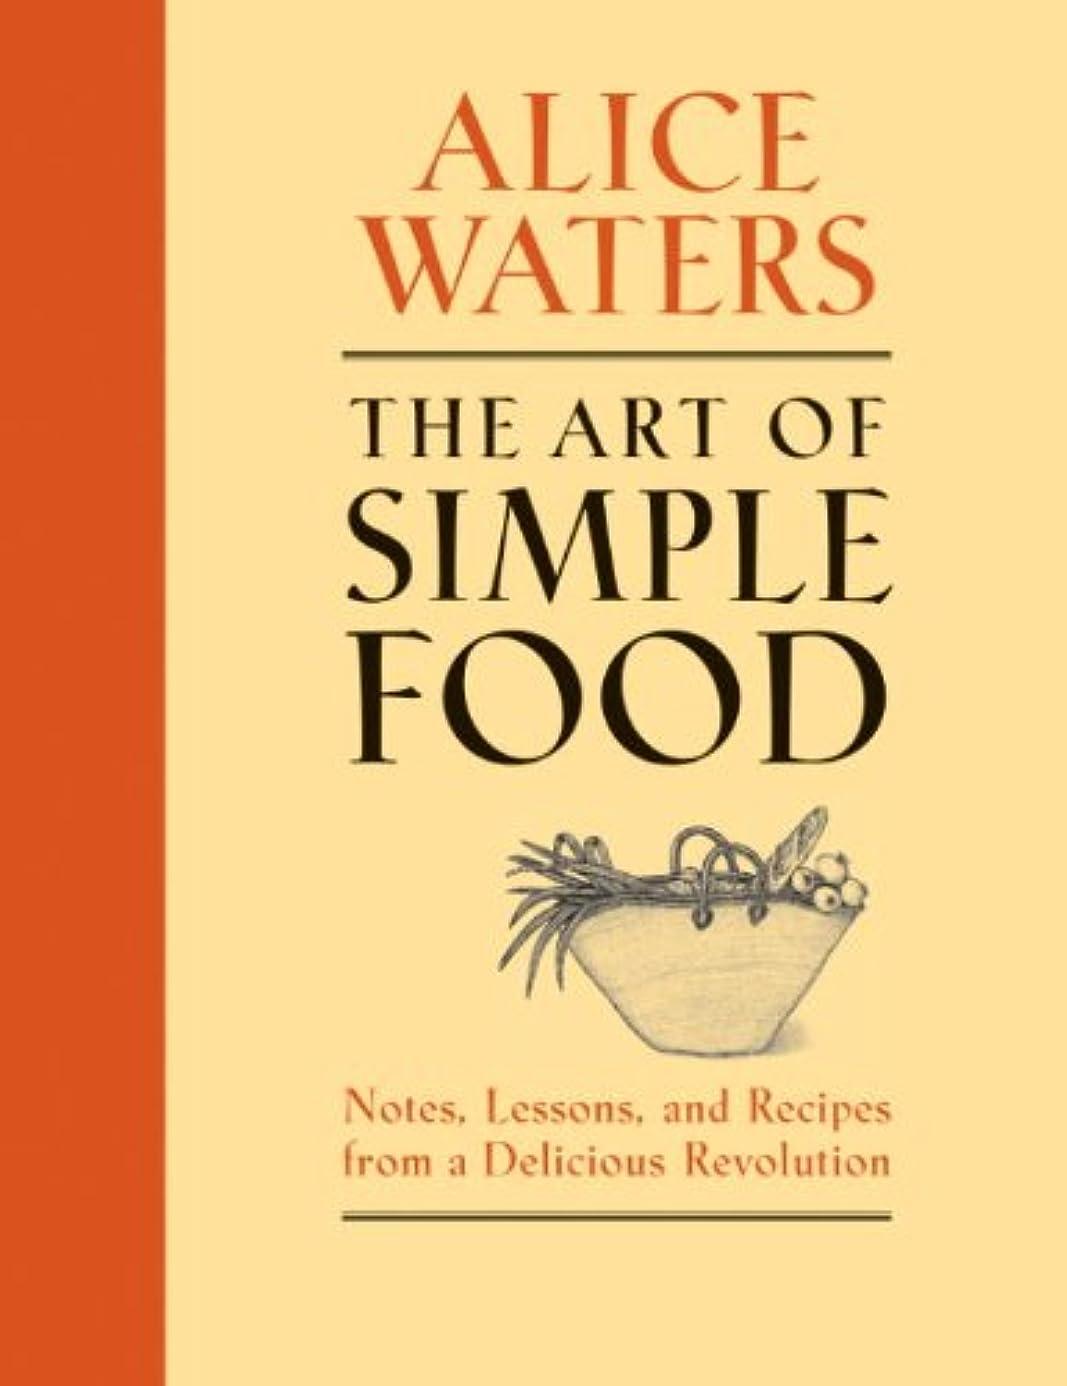 芝生分岐する奇跡The Art of Simple Food: Notes, Lessons, and Recipes from a Delicious Revolution: A Cookbook (English Edition)